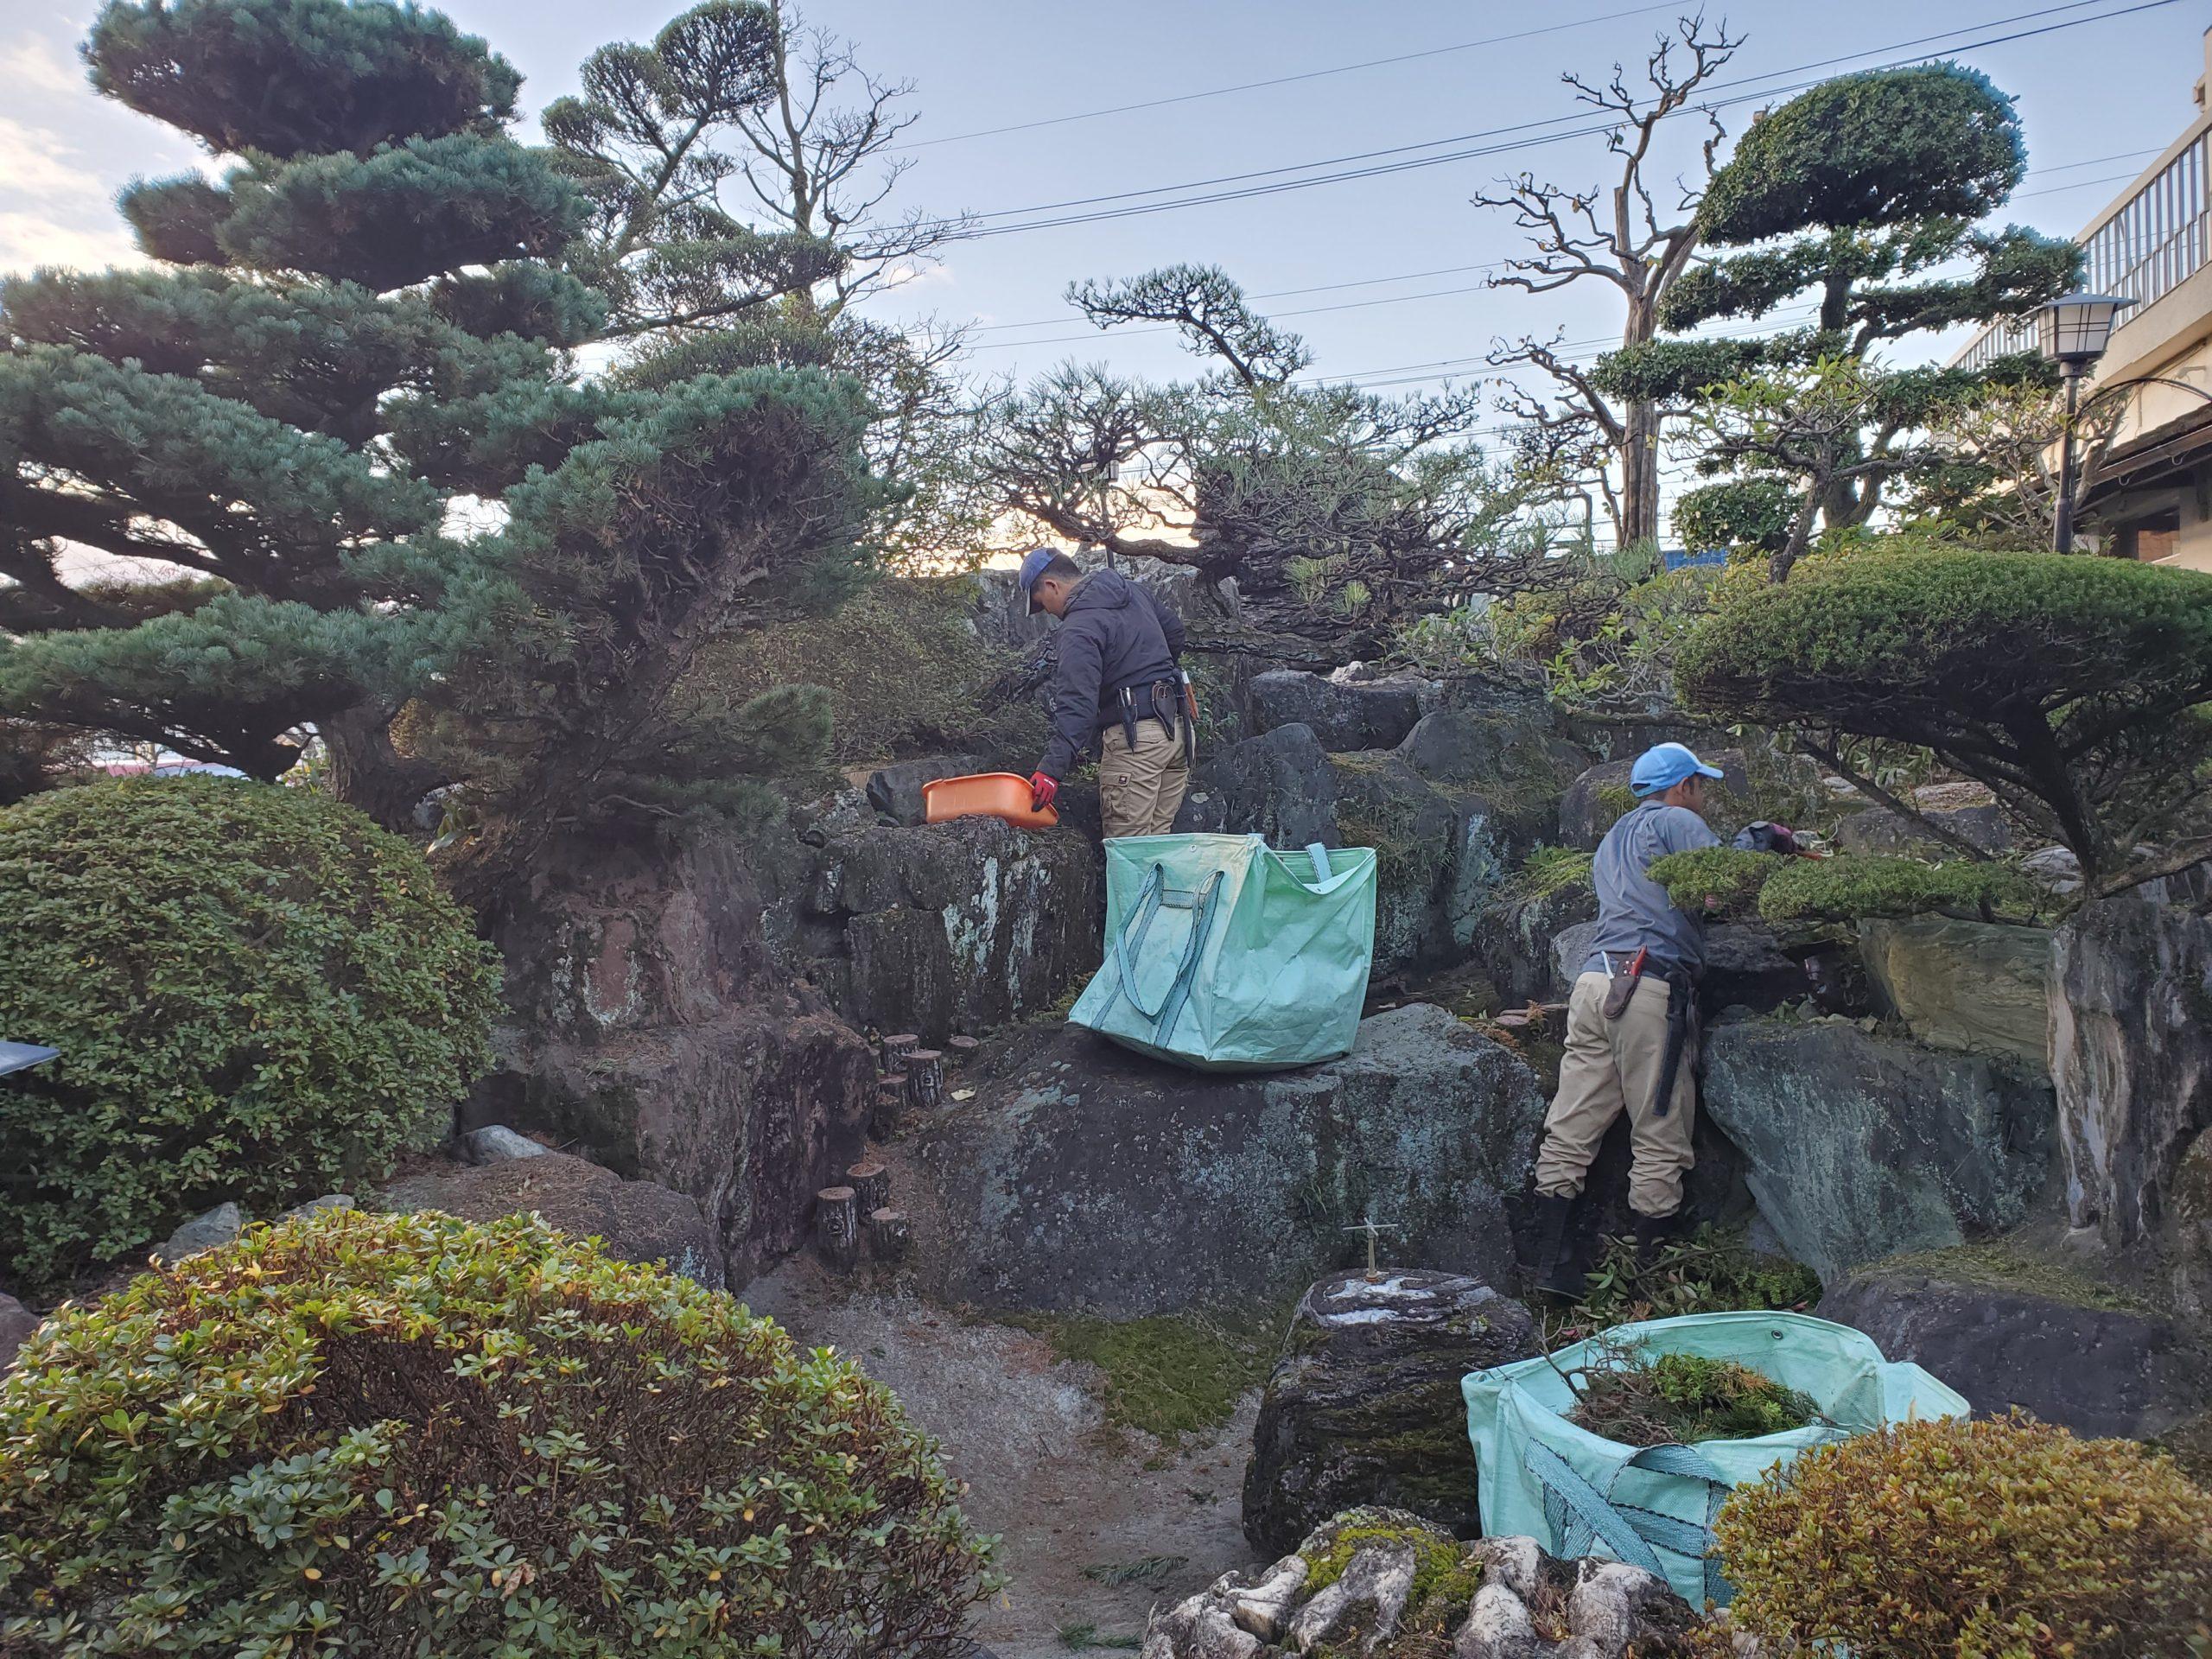 庭 剪定 庭園管理